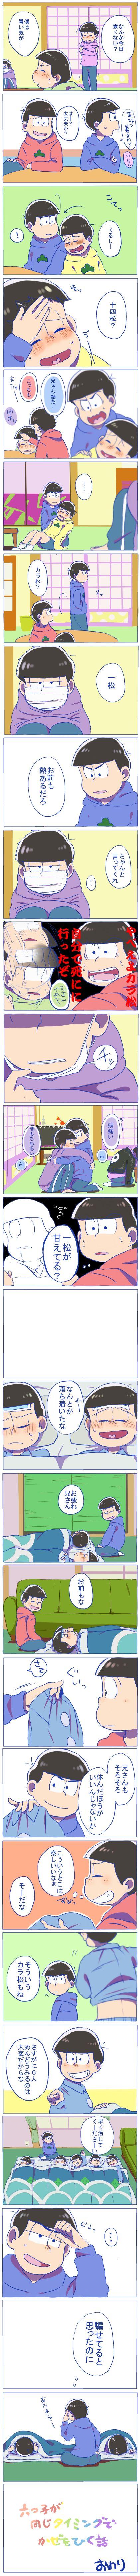 The Osomatsu bros get sick pretty often I guess